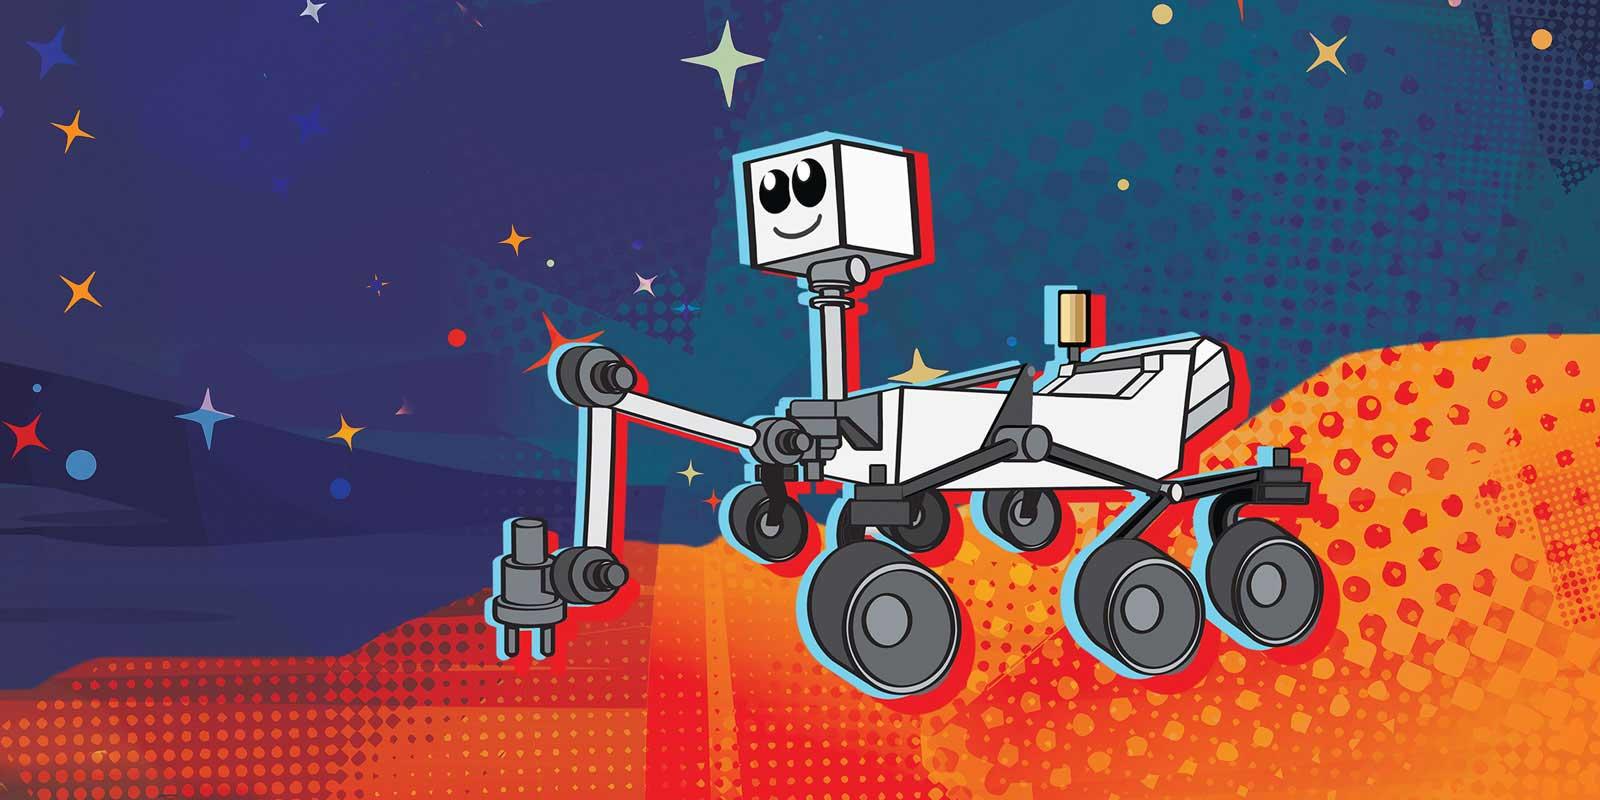 Rover su Marte: un sondaggio per nominare il nuovo robot d'esplorazione thumbnail